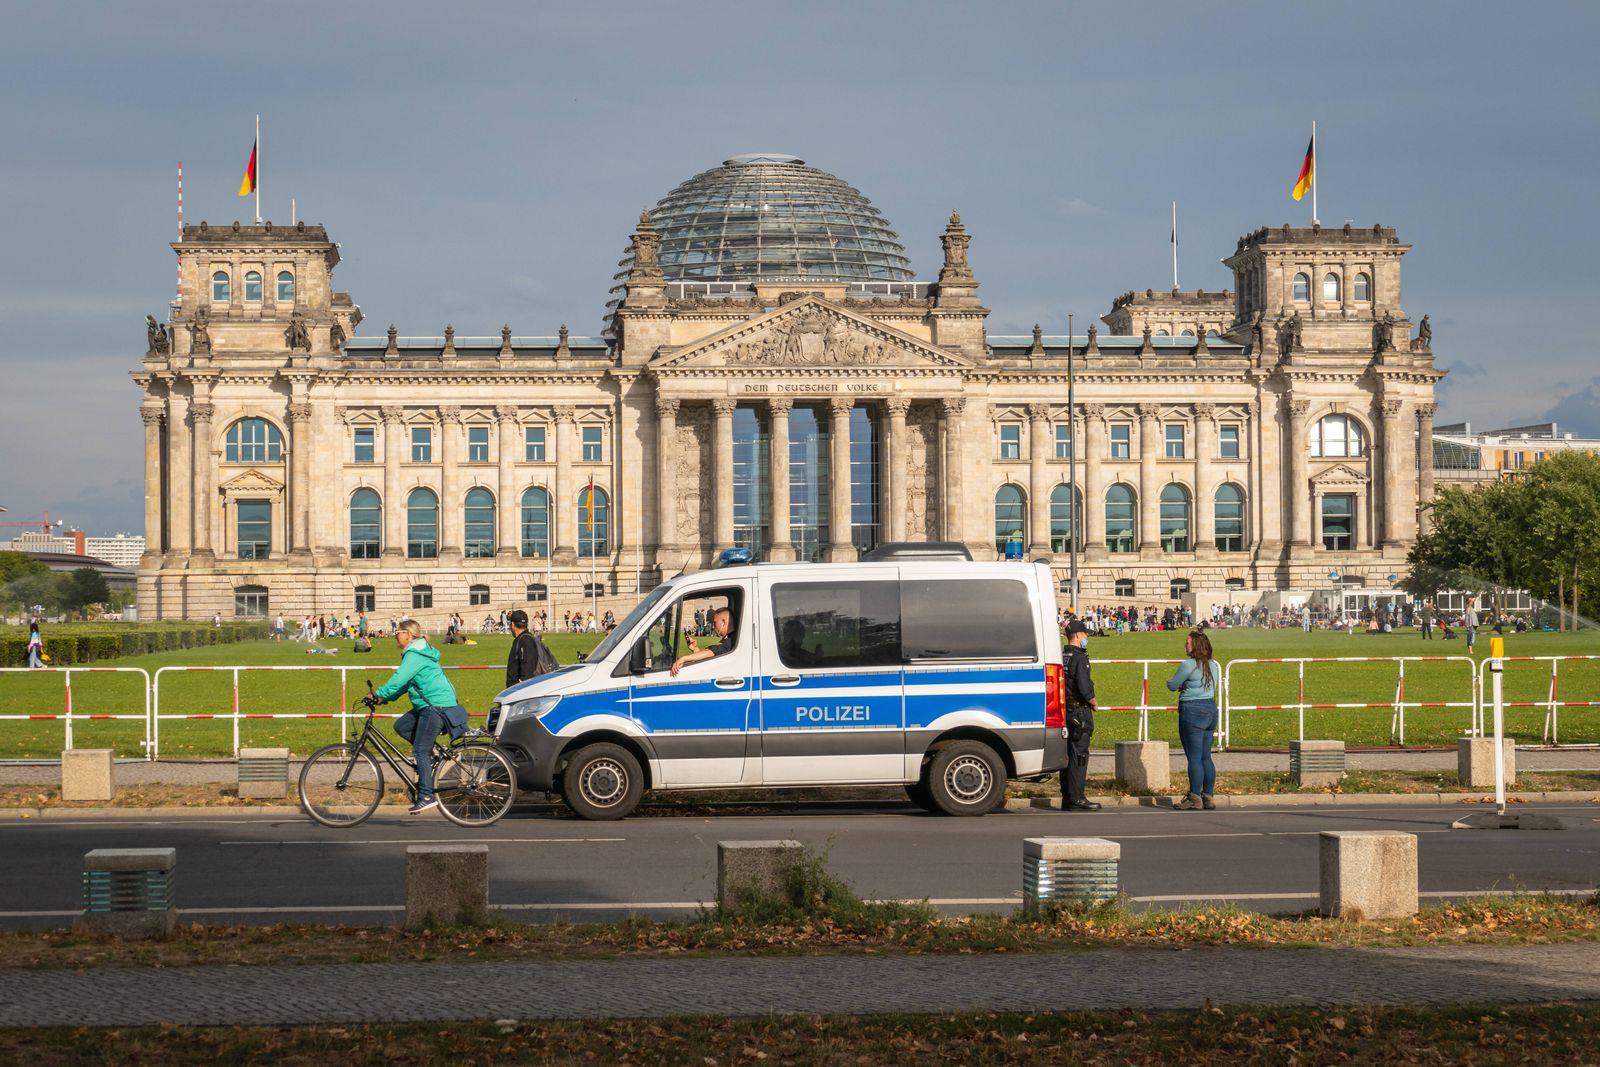 28.08.2020,Berlin,Deutschland,GER,Reichstagsgebäude,Sitz des Deutschen Bundestag.Absperrgitter. *** 28 08 2020,Berlin,G